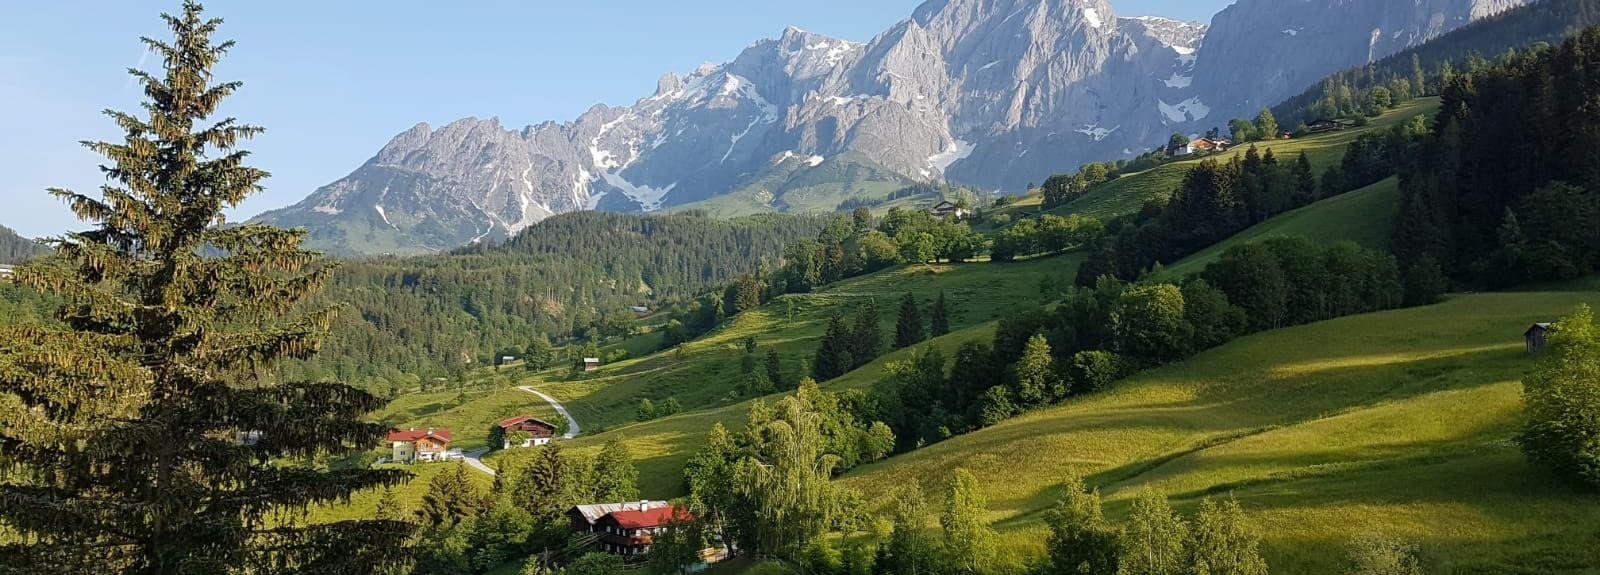 St. Johann im Pongau District, Austria